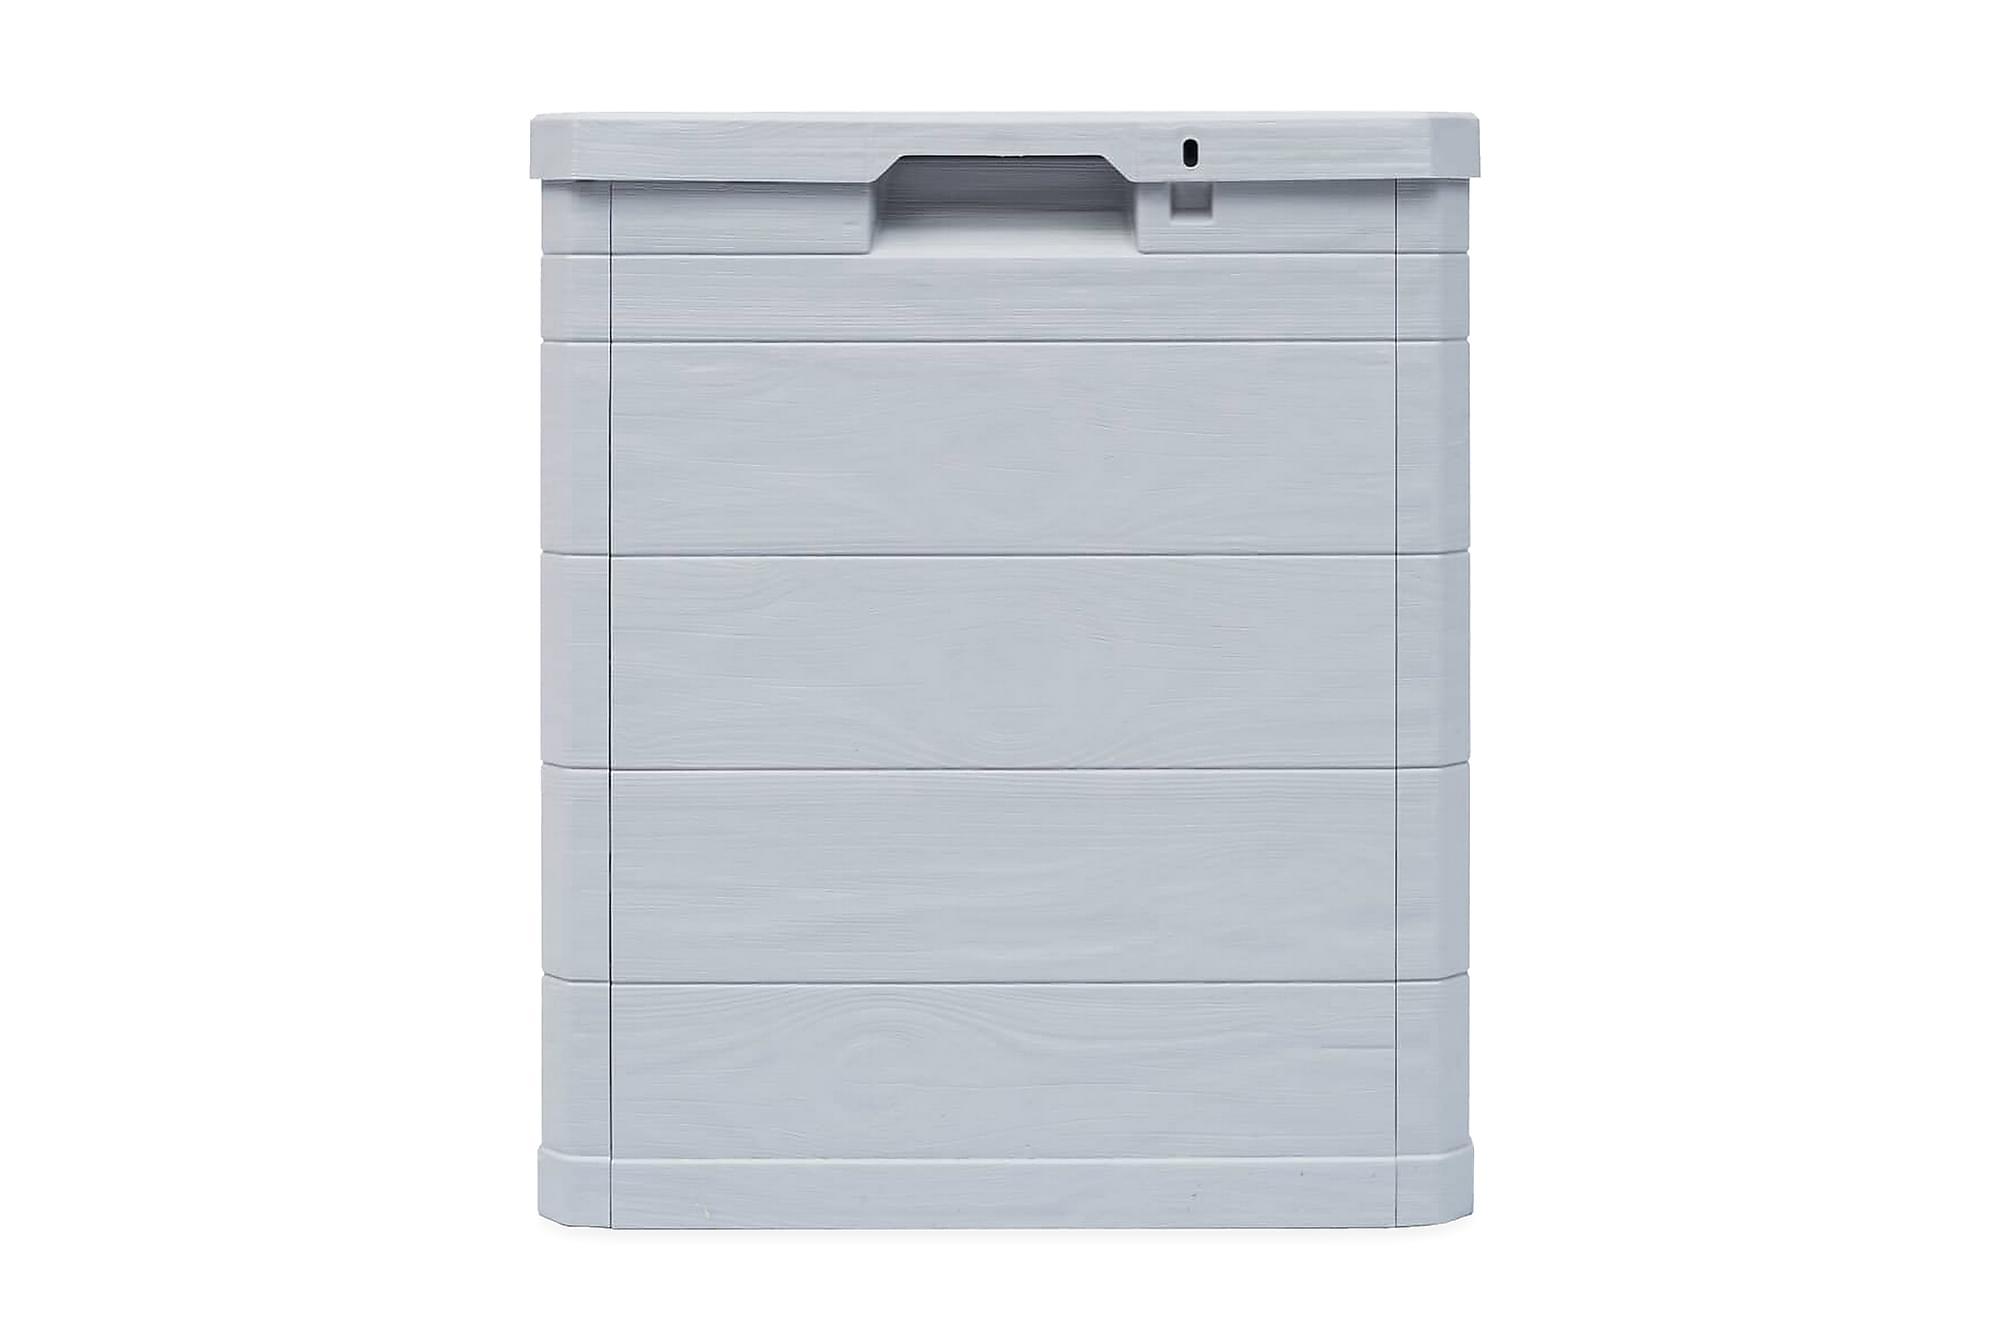 Dynbox 90 liter ljusgrå, Förvaringslådor & korgar